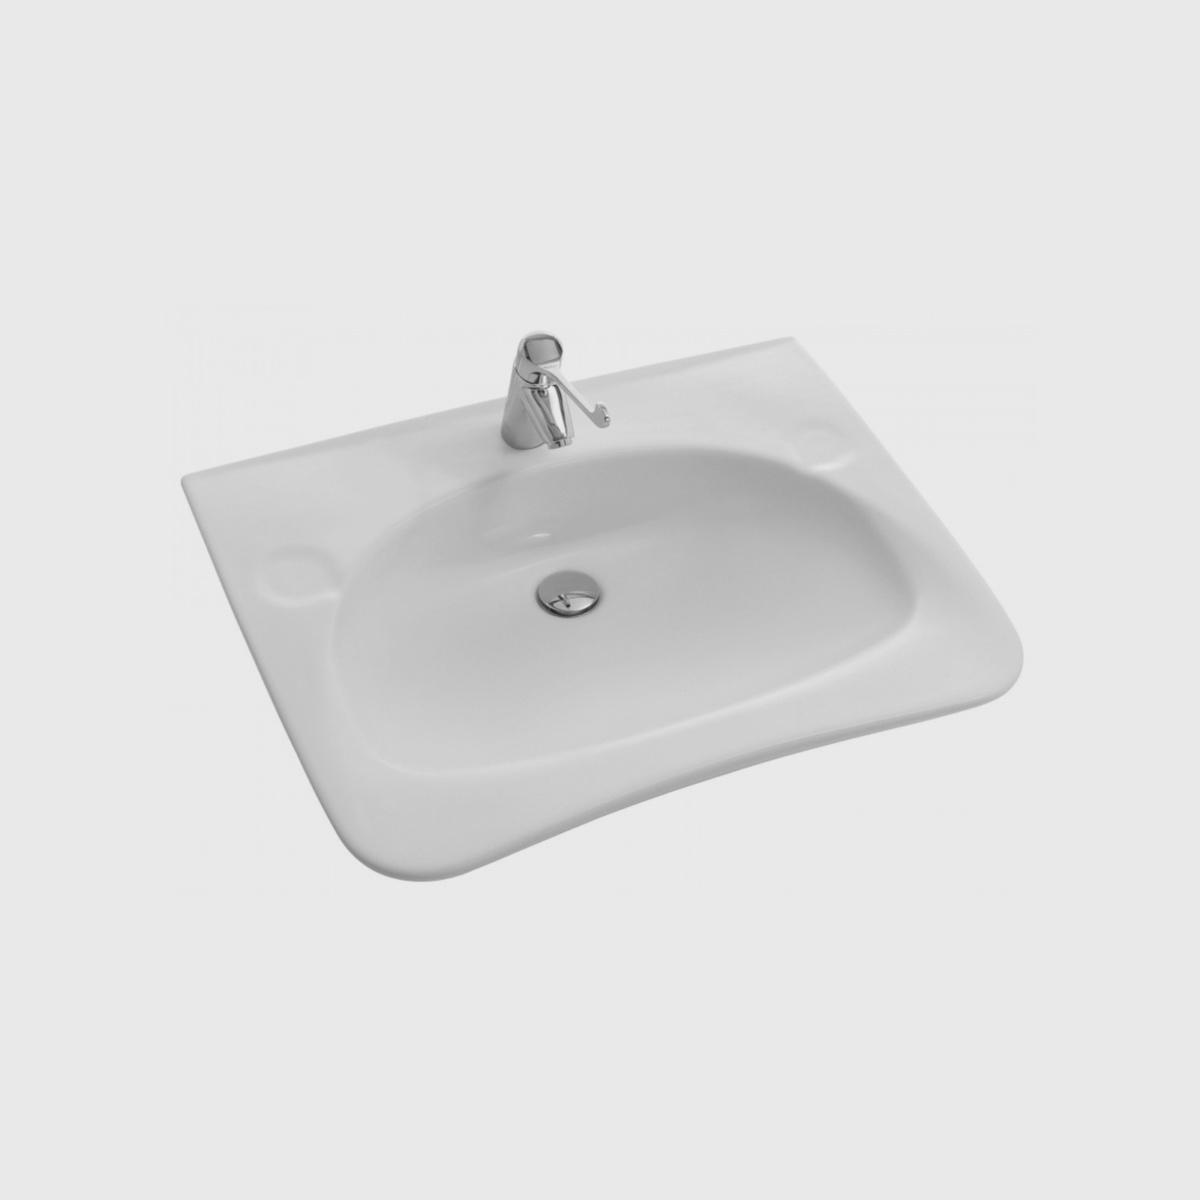 Lavabo Personne Mobilité Réduite lavabo handilav - luciani materiaux